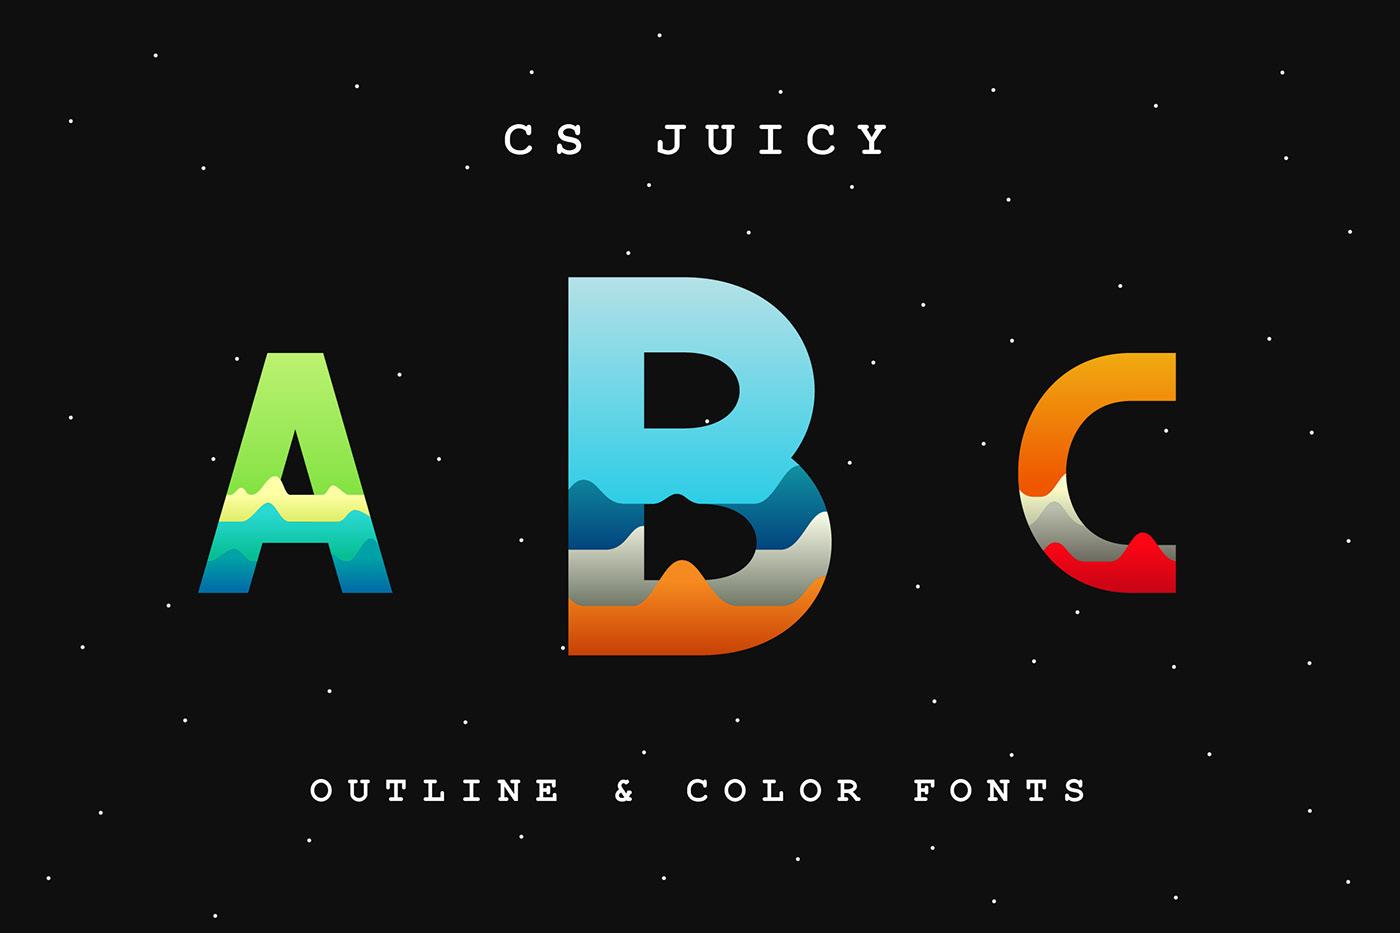 font free download freebies vintage illustrations Display color font colorful bold sans